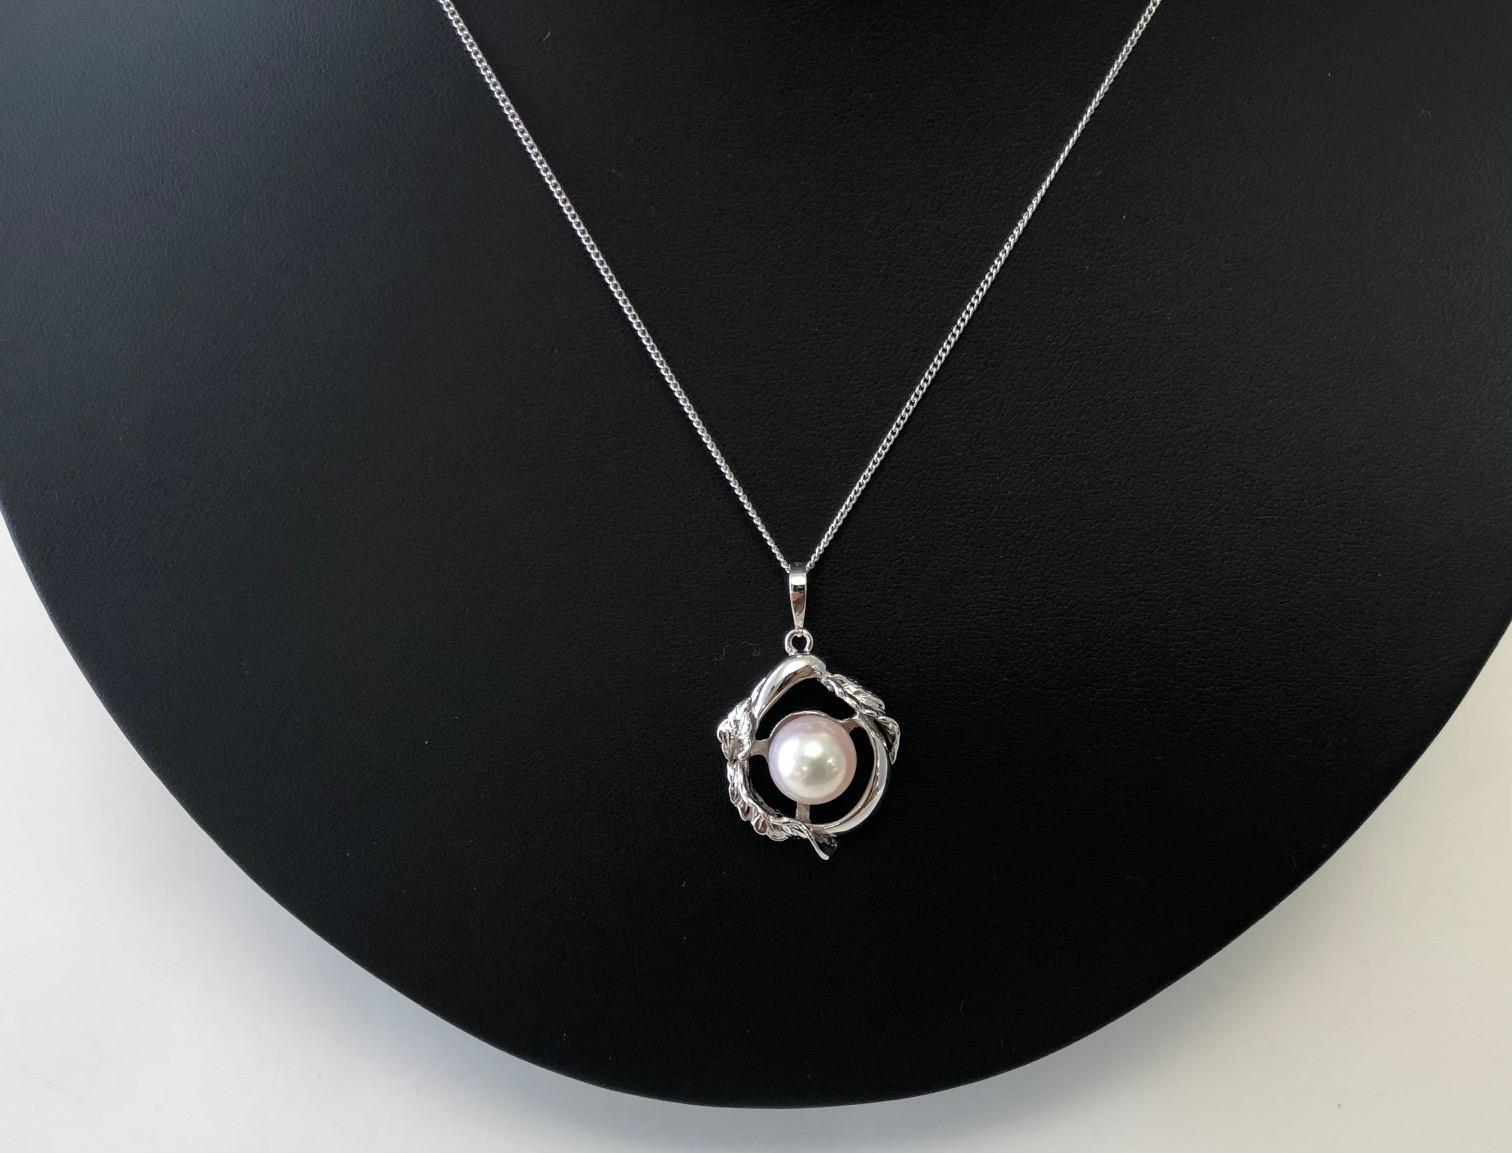 【035-05】志摩産アコヤ真珠9.0mmリーフデザイン一粒ペンダント*